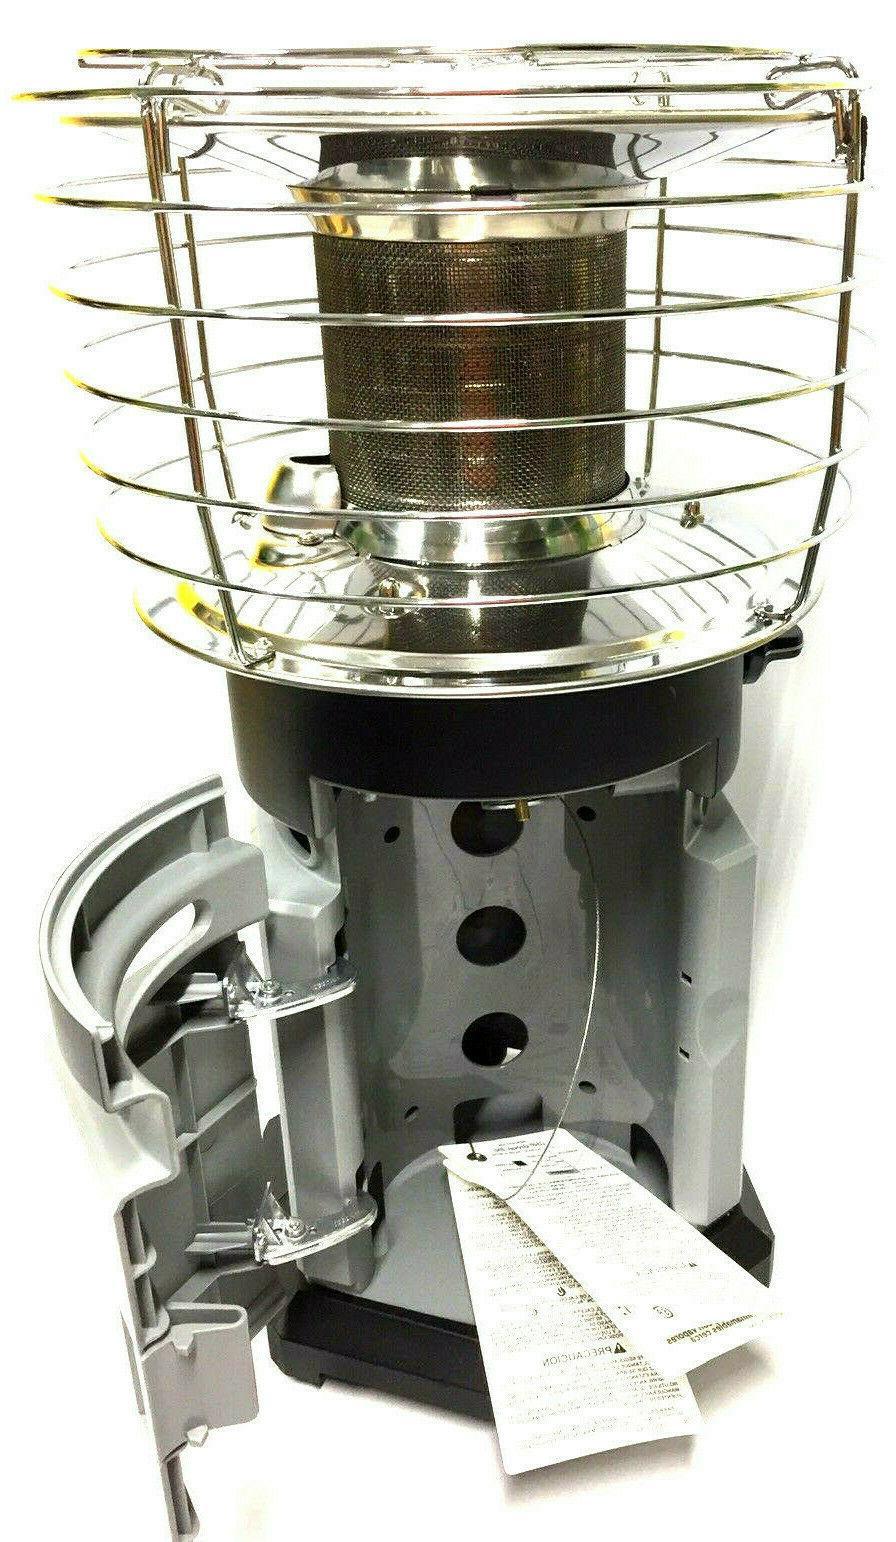 Dyna-Glo 360 10000 BTU Radiant Propane Heater HA1360BK